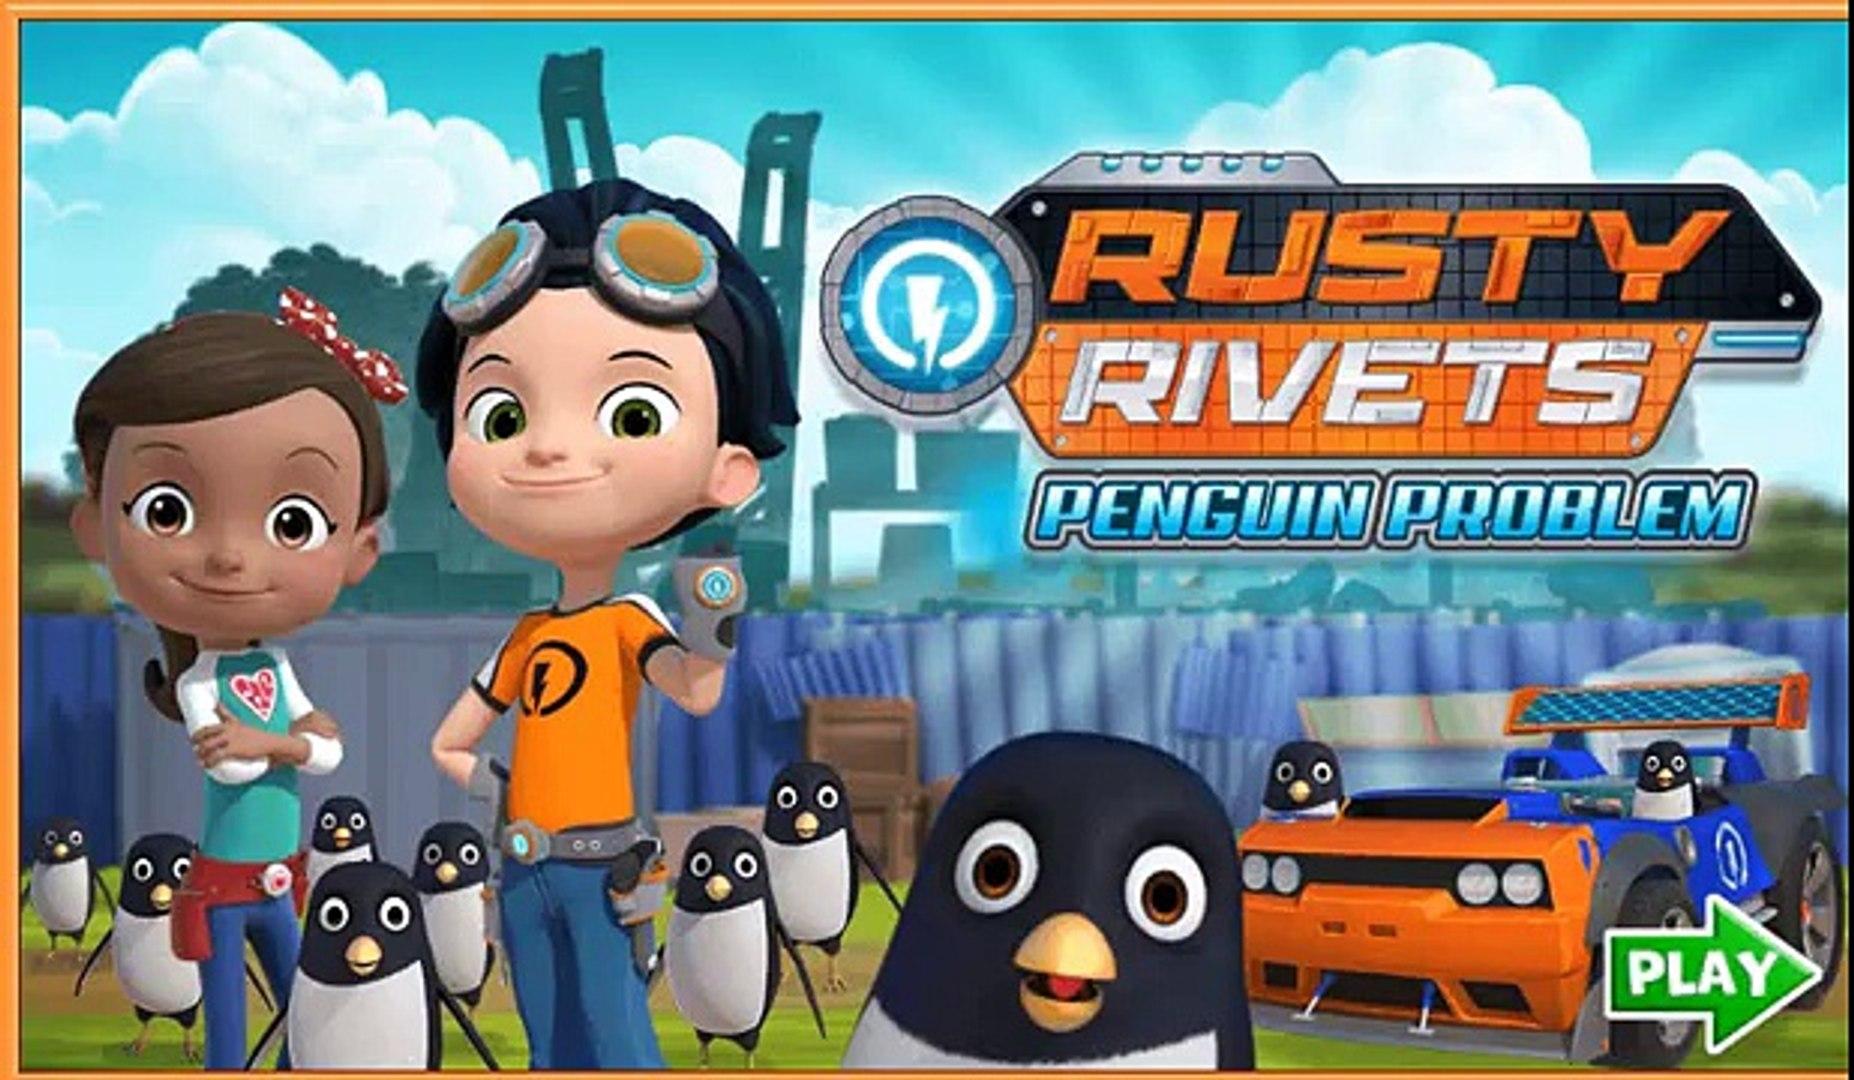 Игра Расти Риветс: Комбинируй и Конструируй